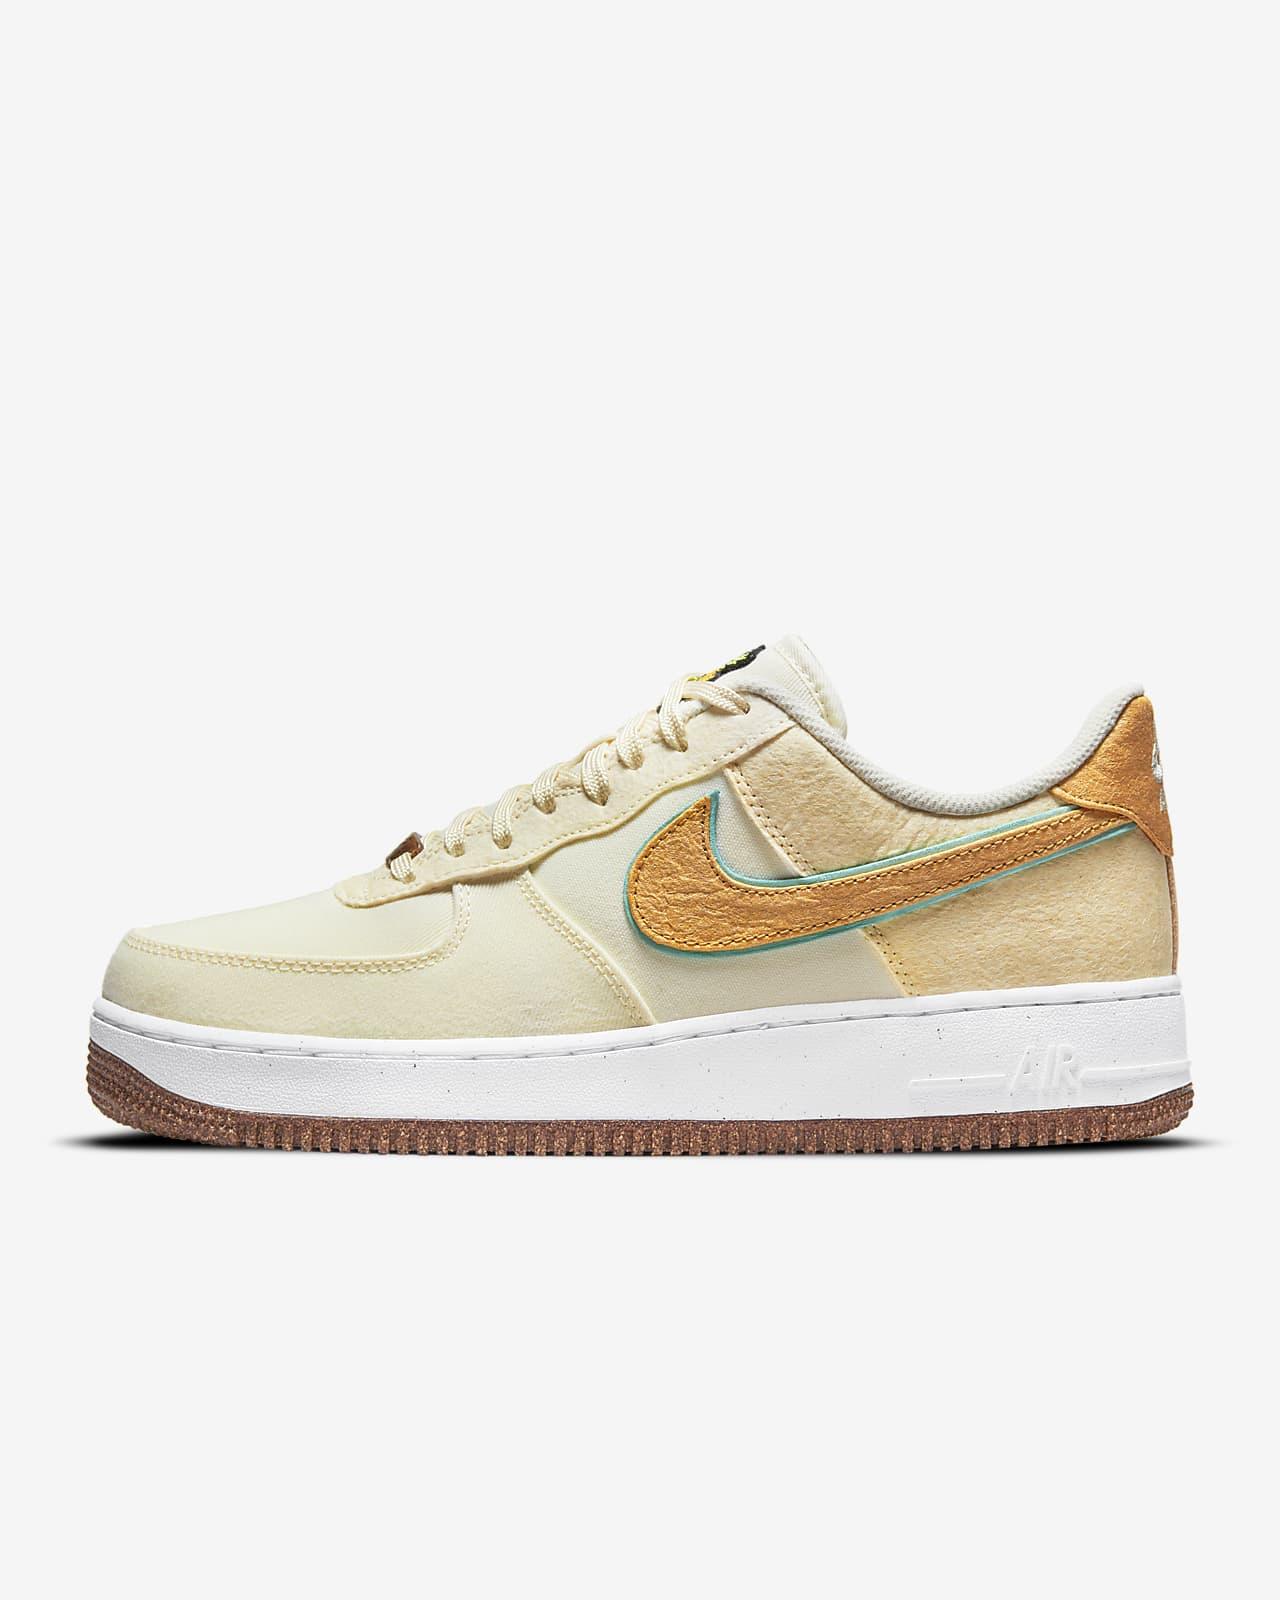 Nike Air Force 1 '07 Premium 鞋款